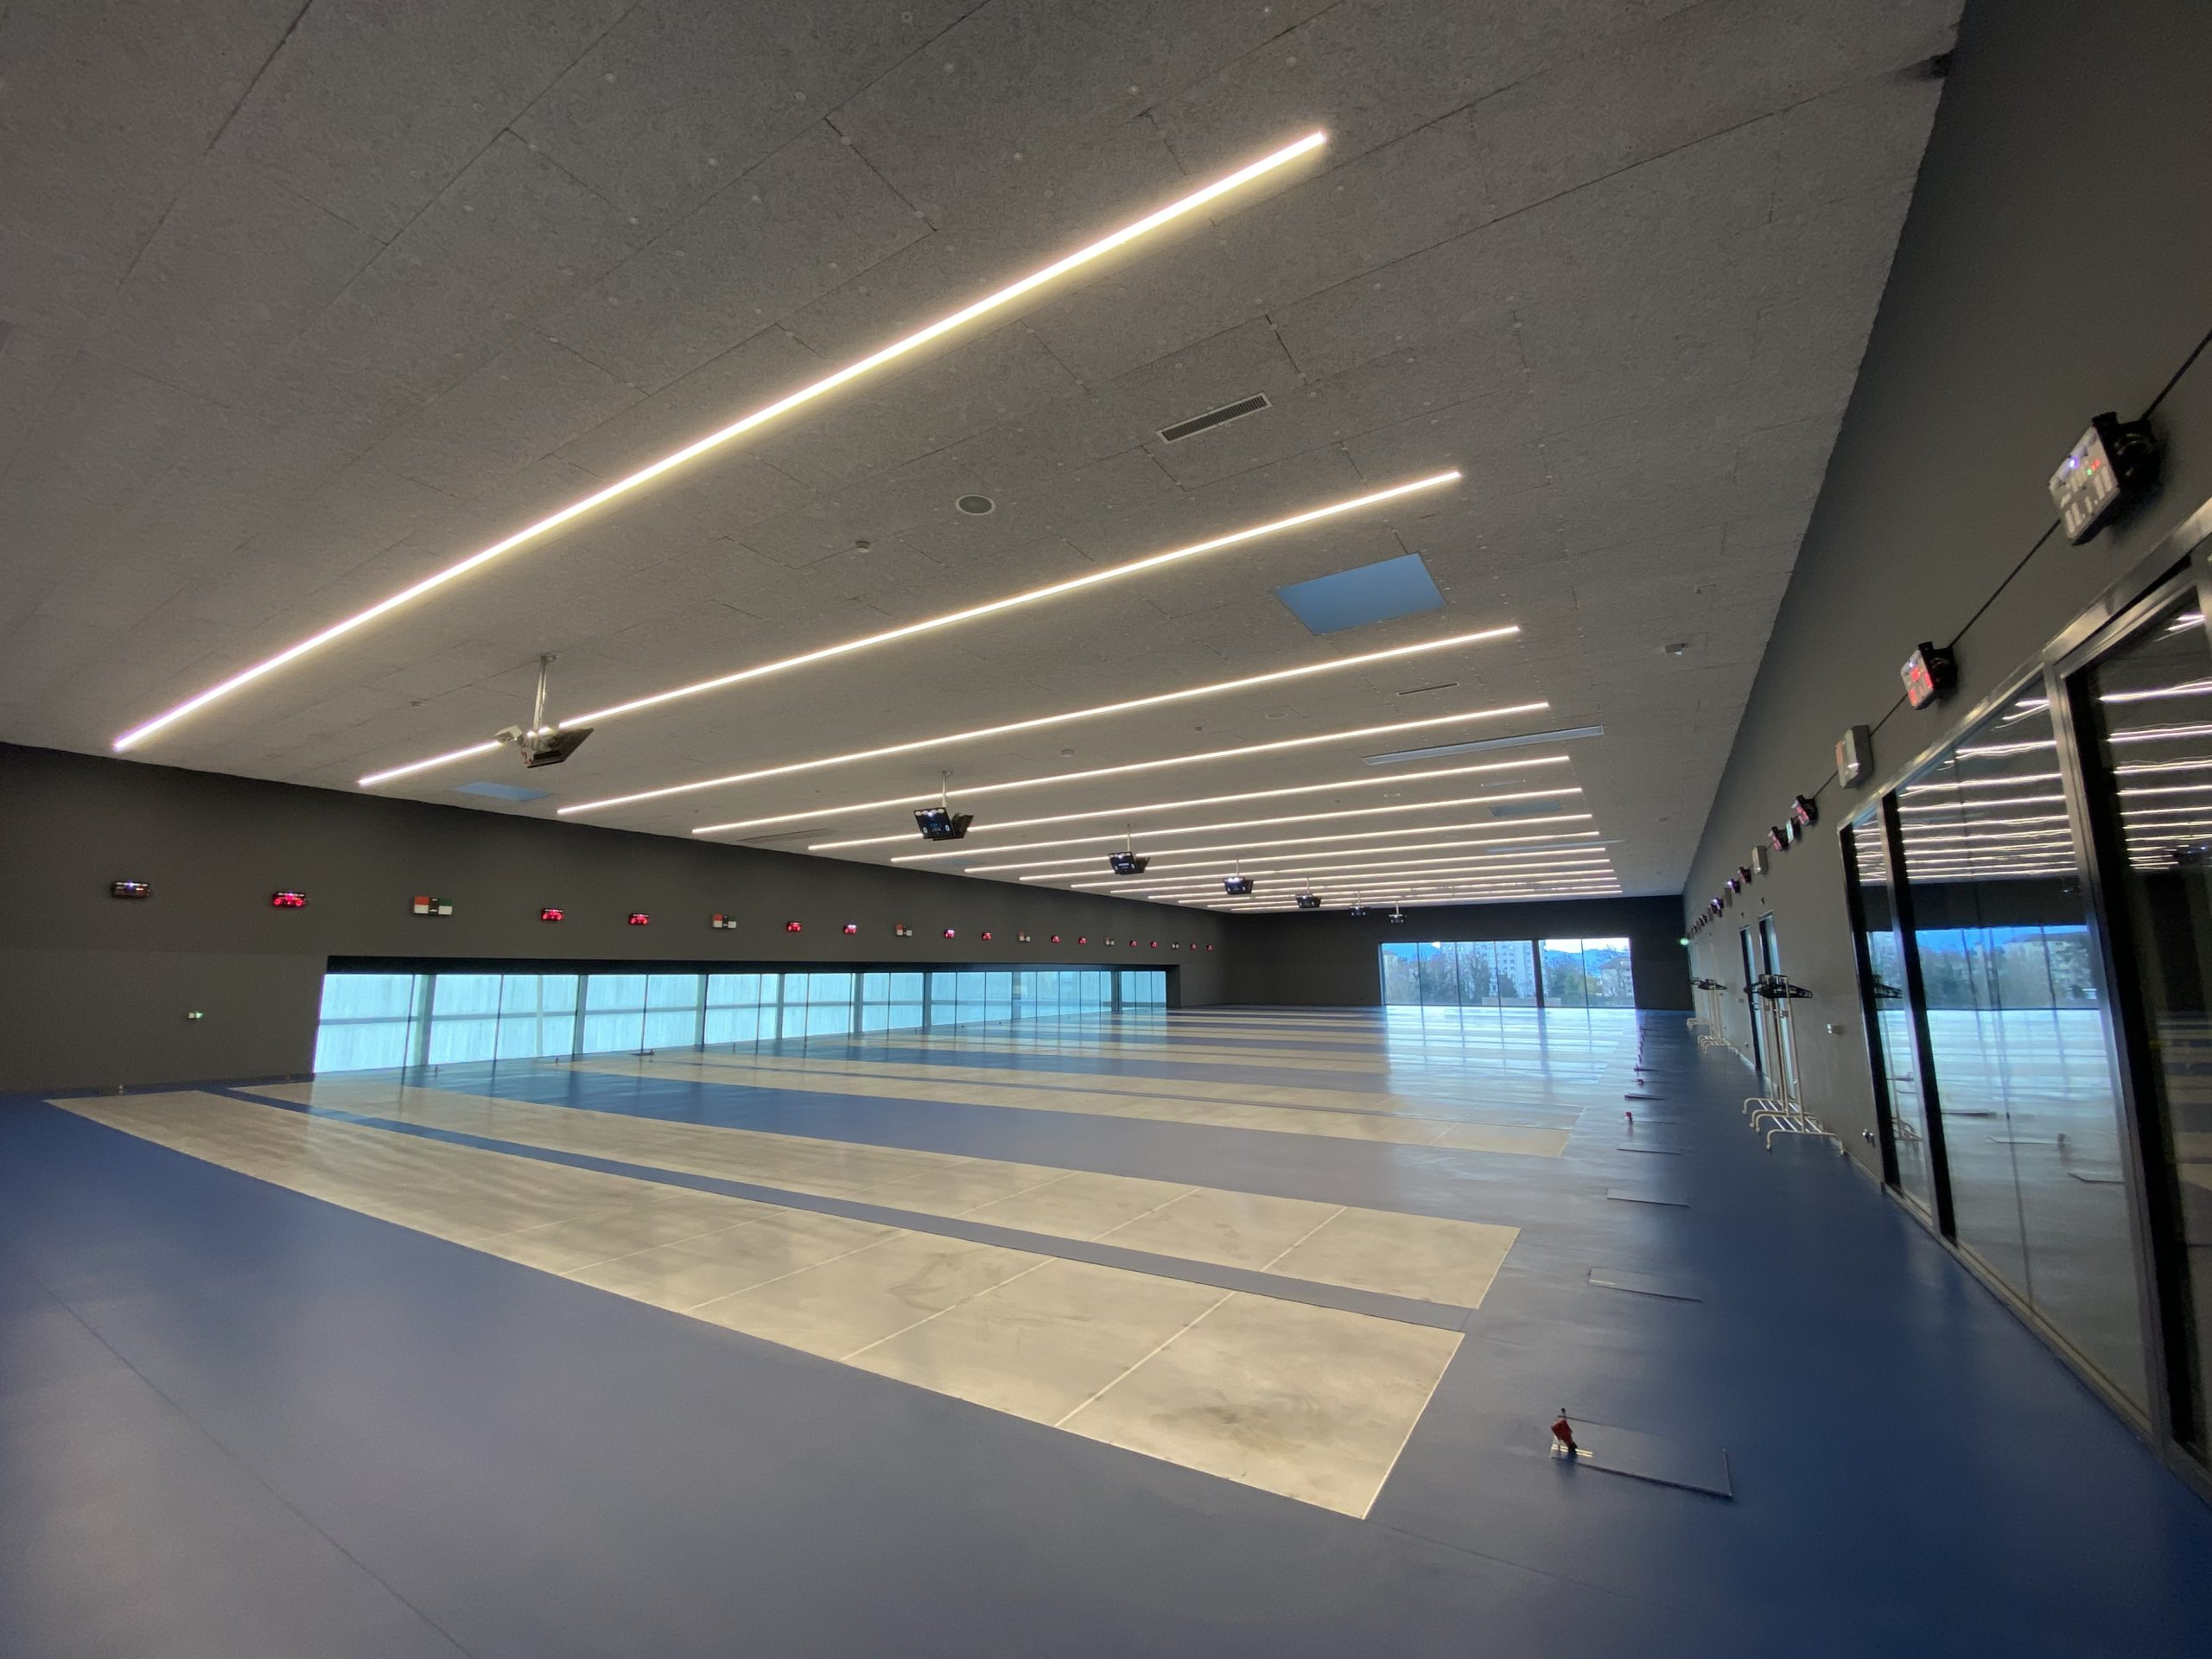 Salle escrime de la Vaudoise aréna, pour le club Cercle des Armes de Lausanne